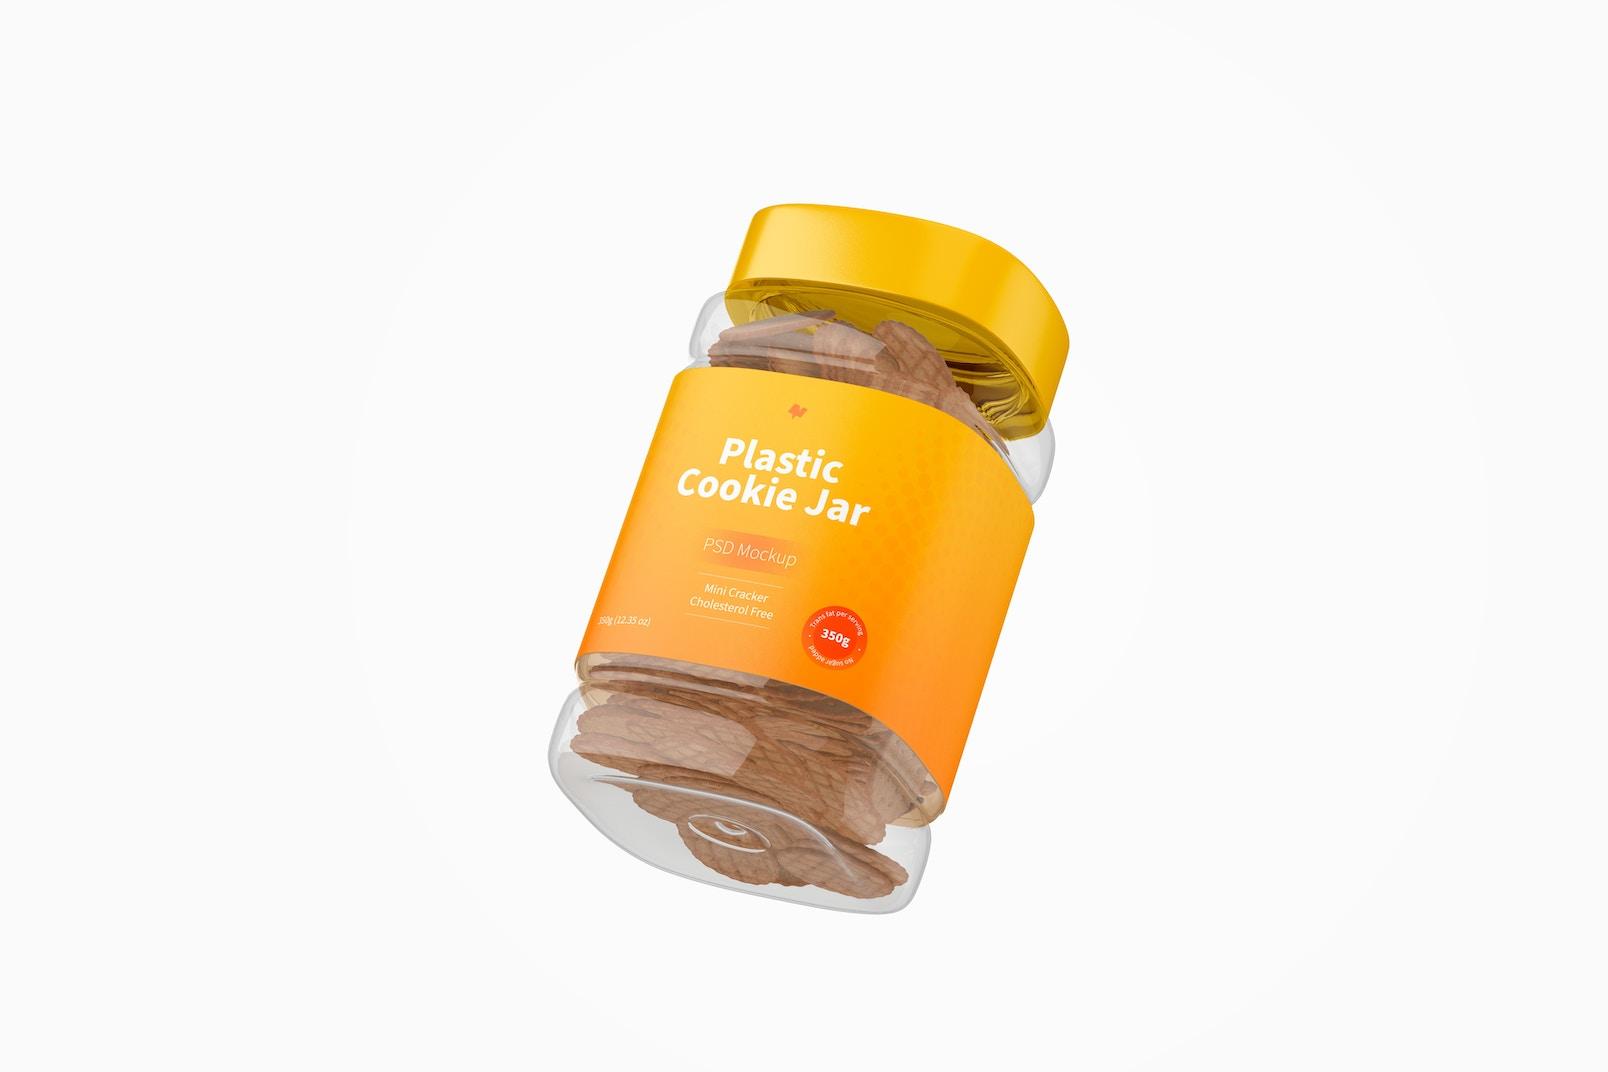 Plastic Cookie Jar Mockup, Floating